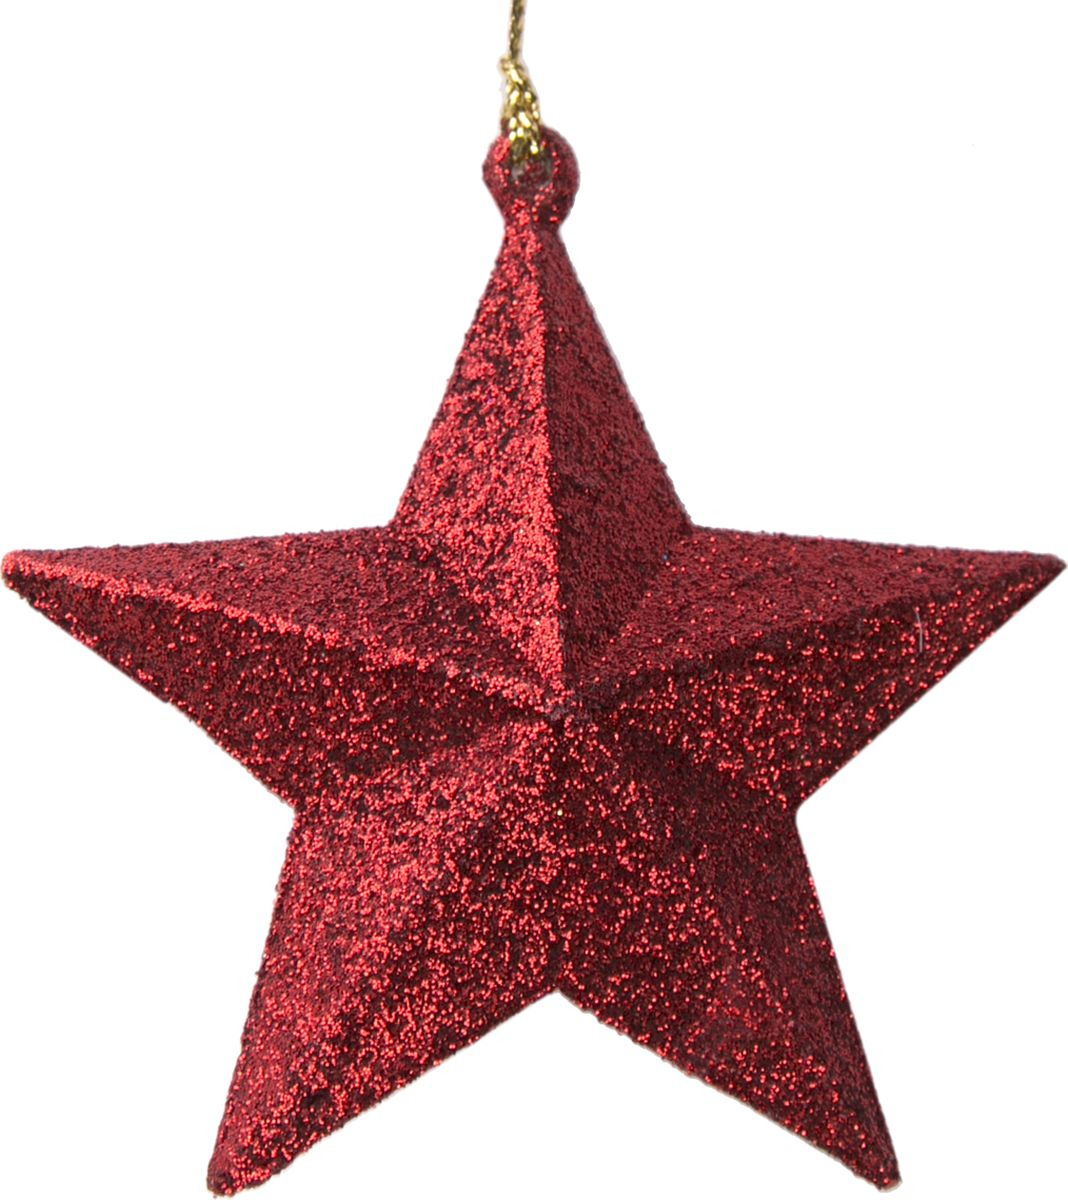 Новогоднее подвесное елочное украшение Magic Time Звезда, цвет: красный, 10 x 9,5 x 3,5 см украшение елочное звезда барокко 8 8 см черный золотой 1 шт в пакете